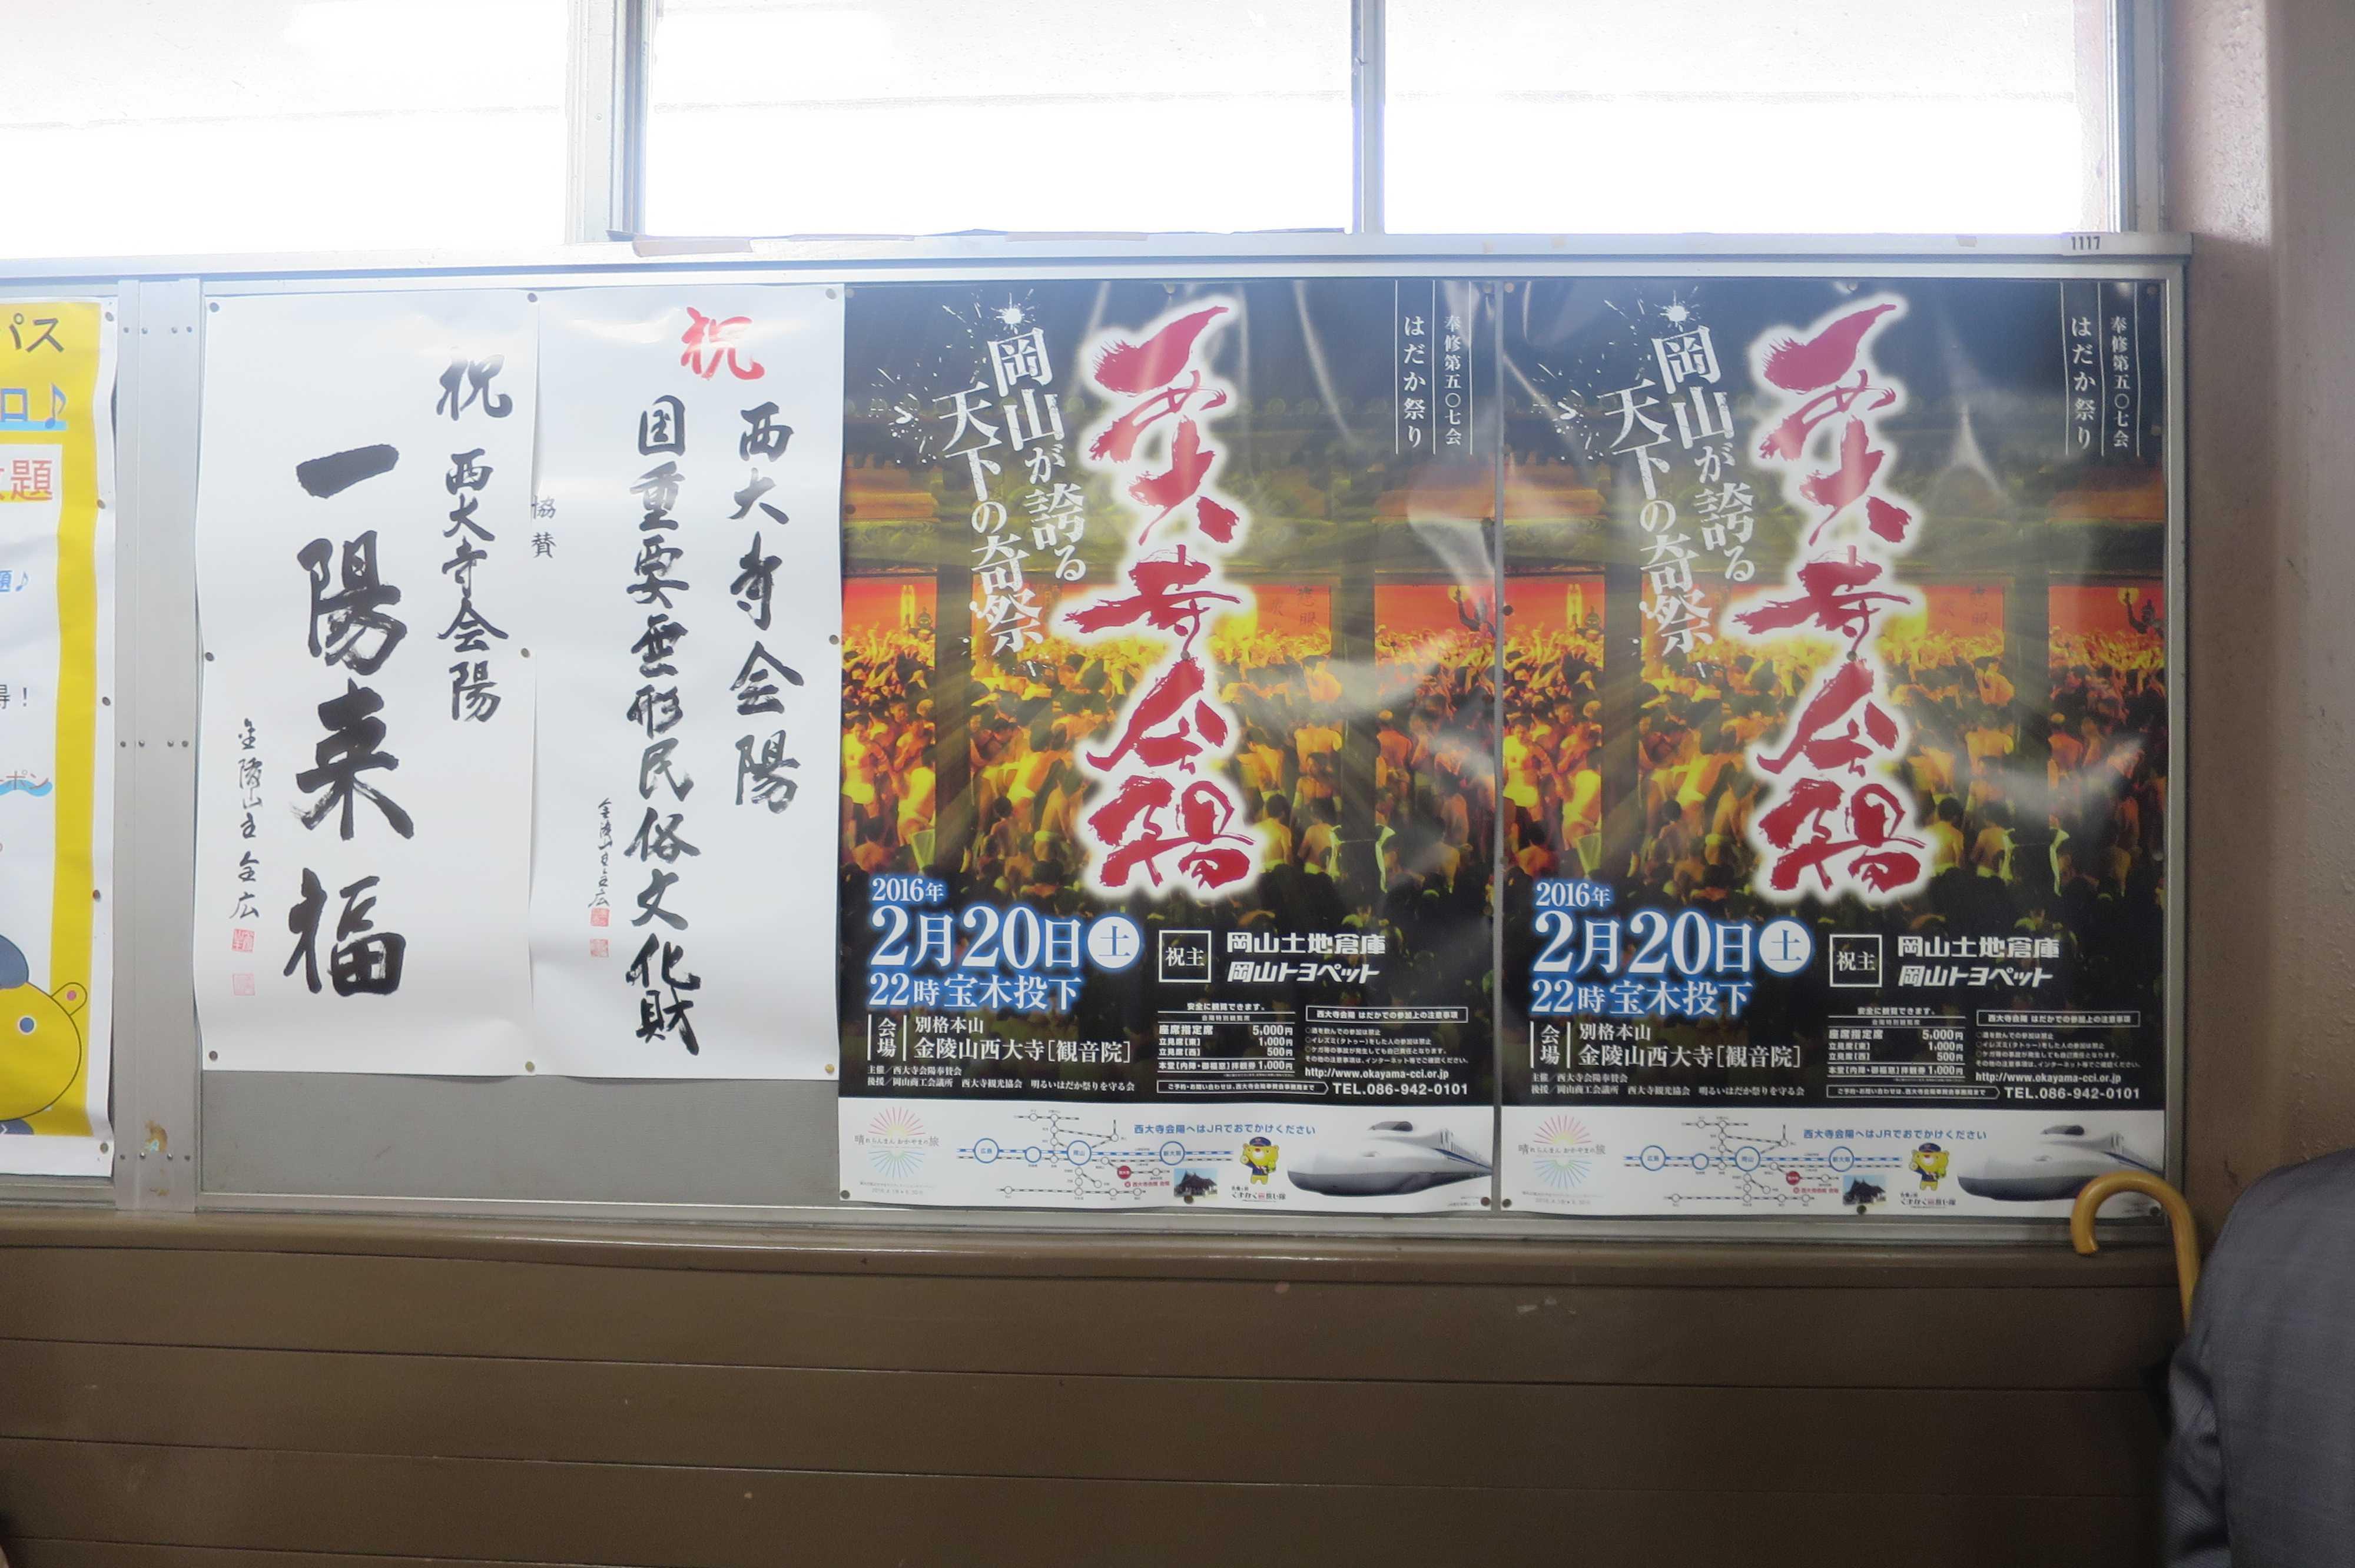 西大寺駅の駅舎内のポスター